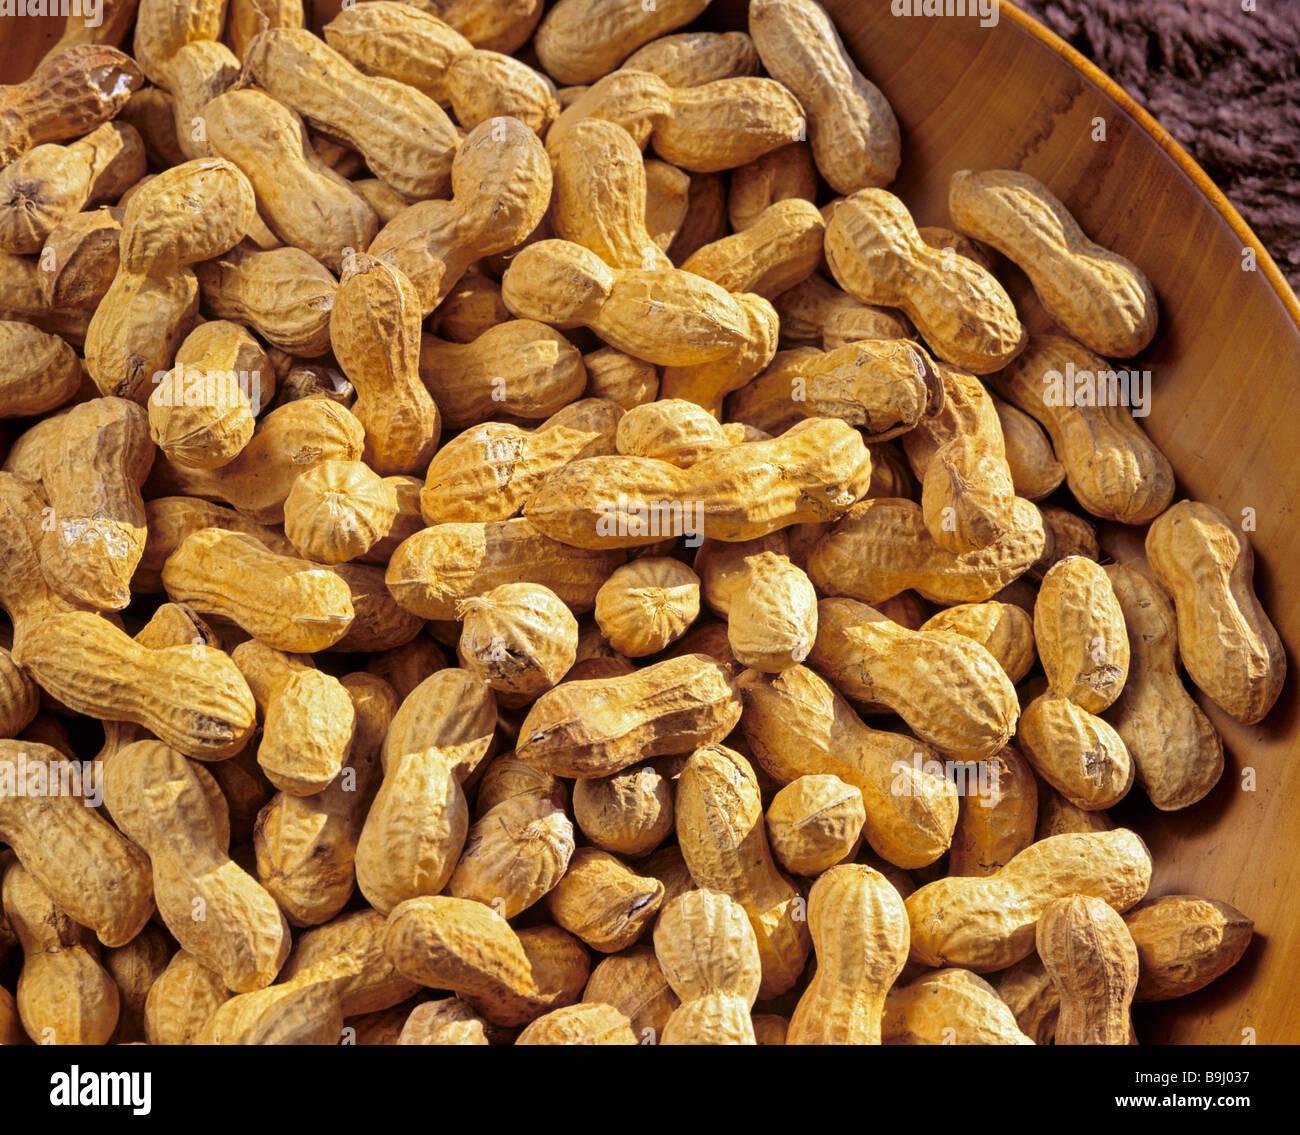 Peanuts (Arachis hypogaea) - Stock Image